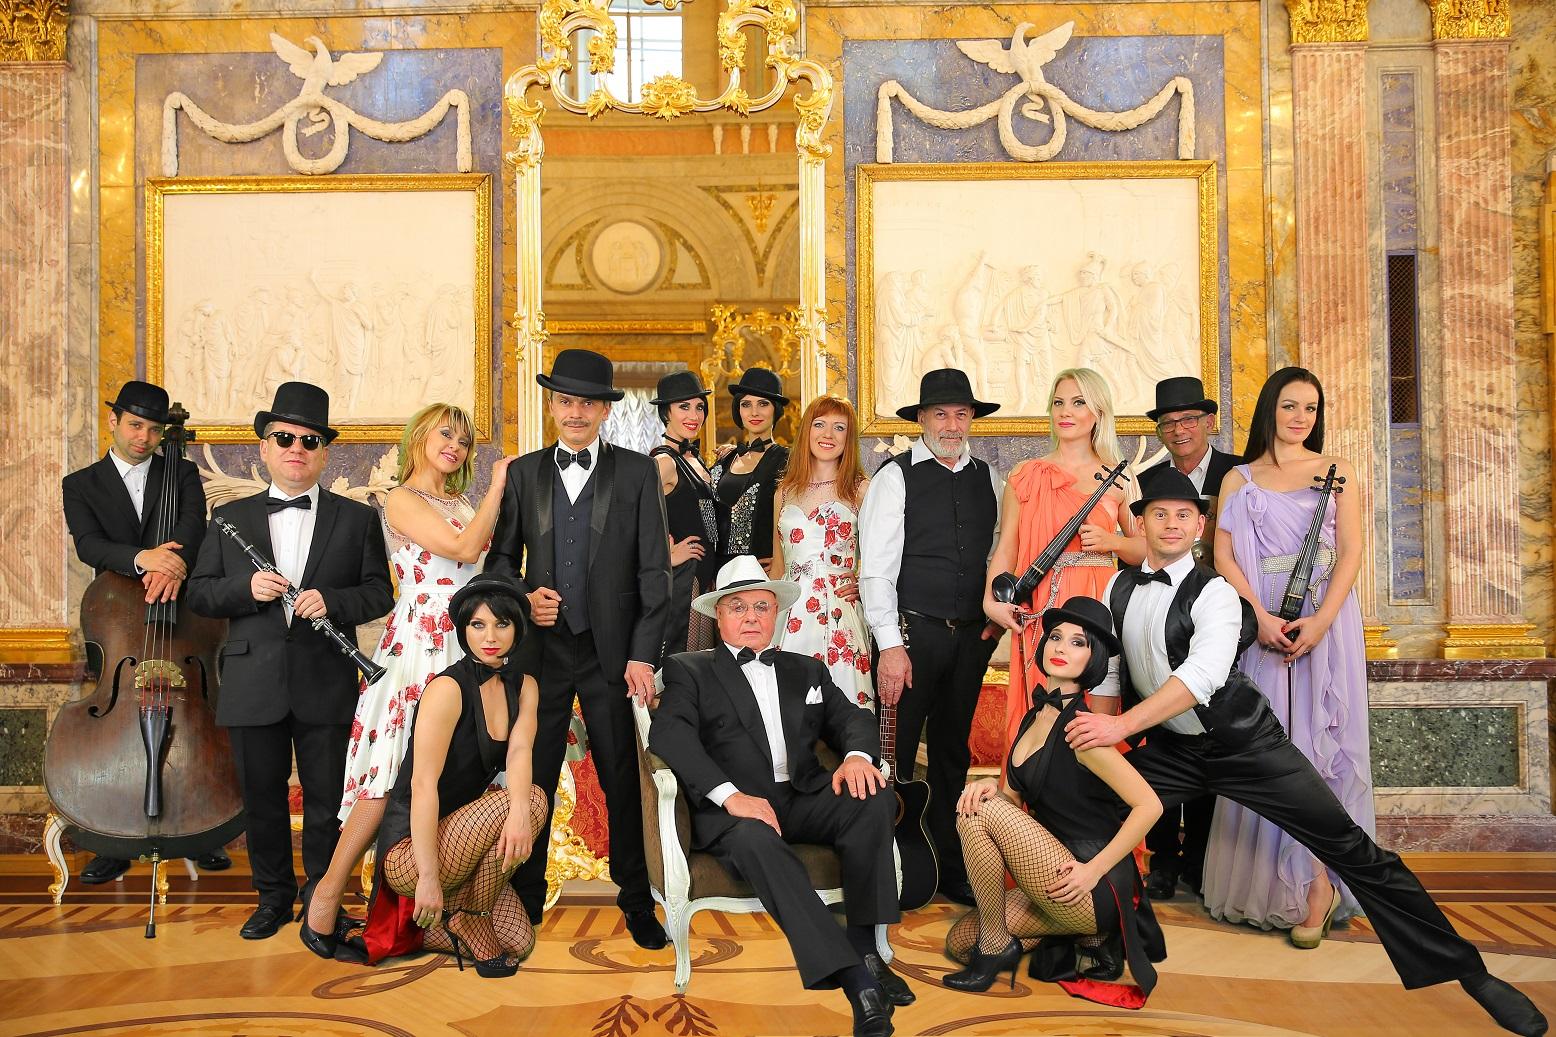 Еврейская классика в современном стиле: Одесса, бурлеск и Мишка Япончик